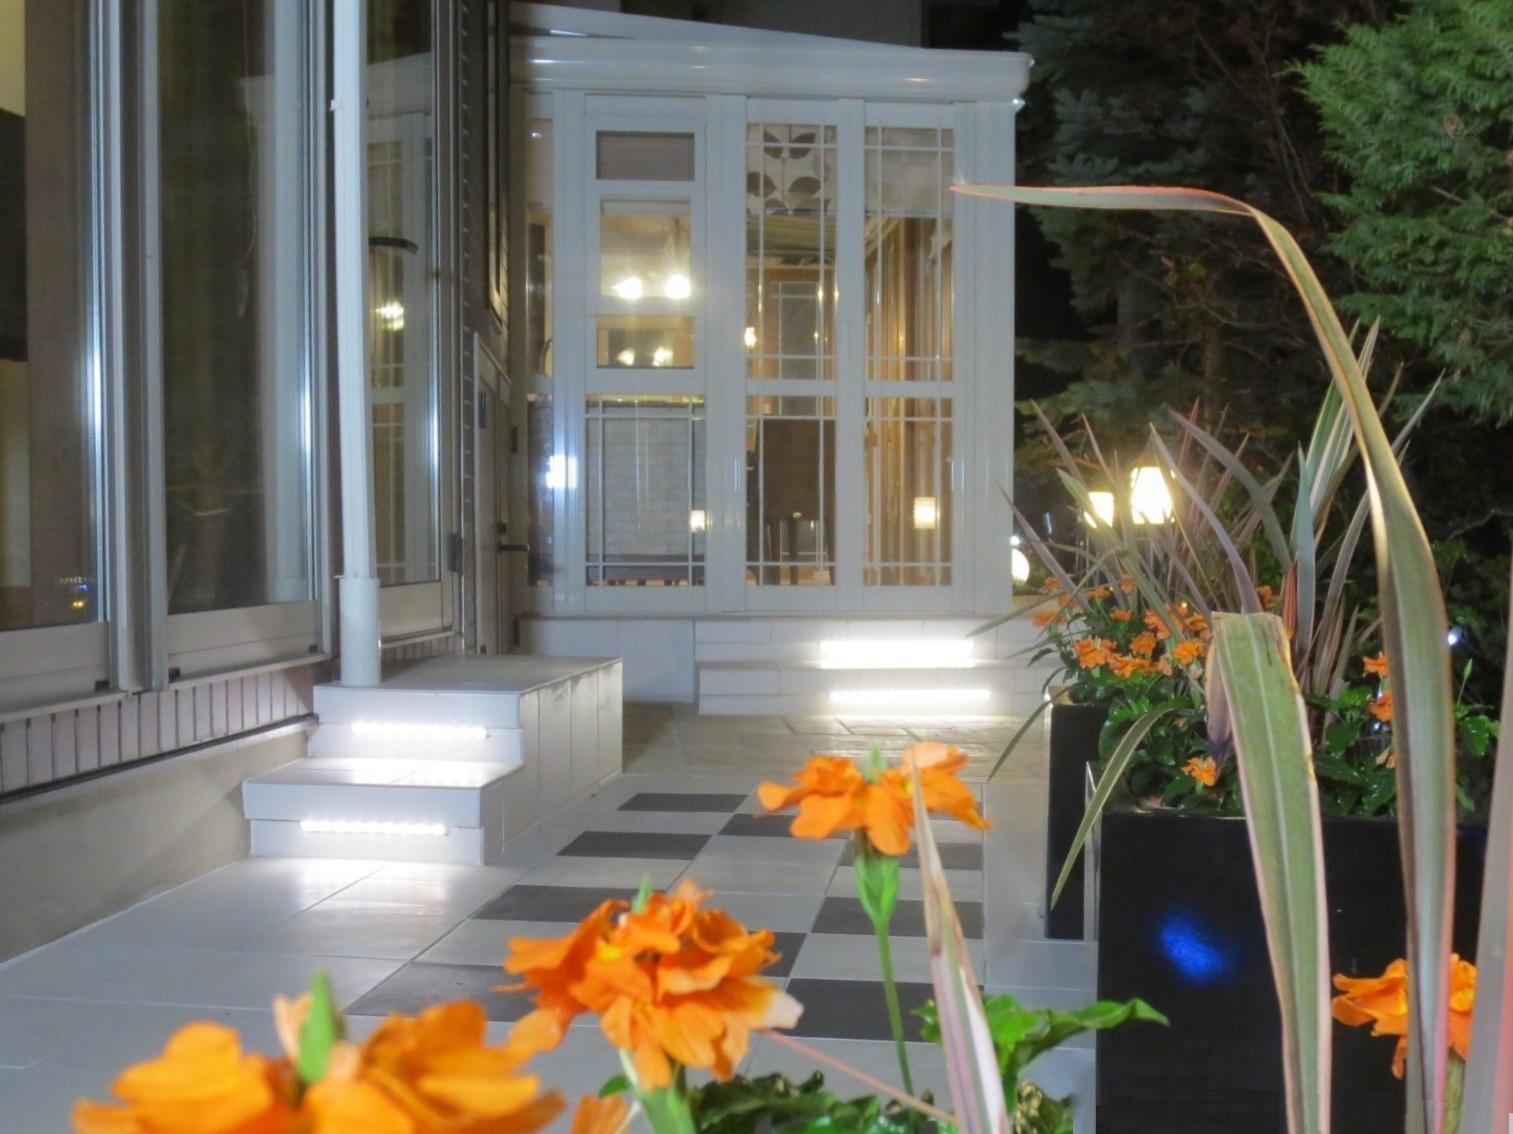 イタリアンカフェ風リゾートガーデン 有限会社西舘拓硝子店 岩手県H様邸 Spectacular garden lighting by lighting professionals. Enjoy a dramatic, romantic, even mysterious scene comparing to a day time.